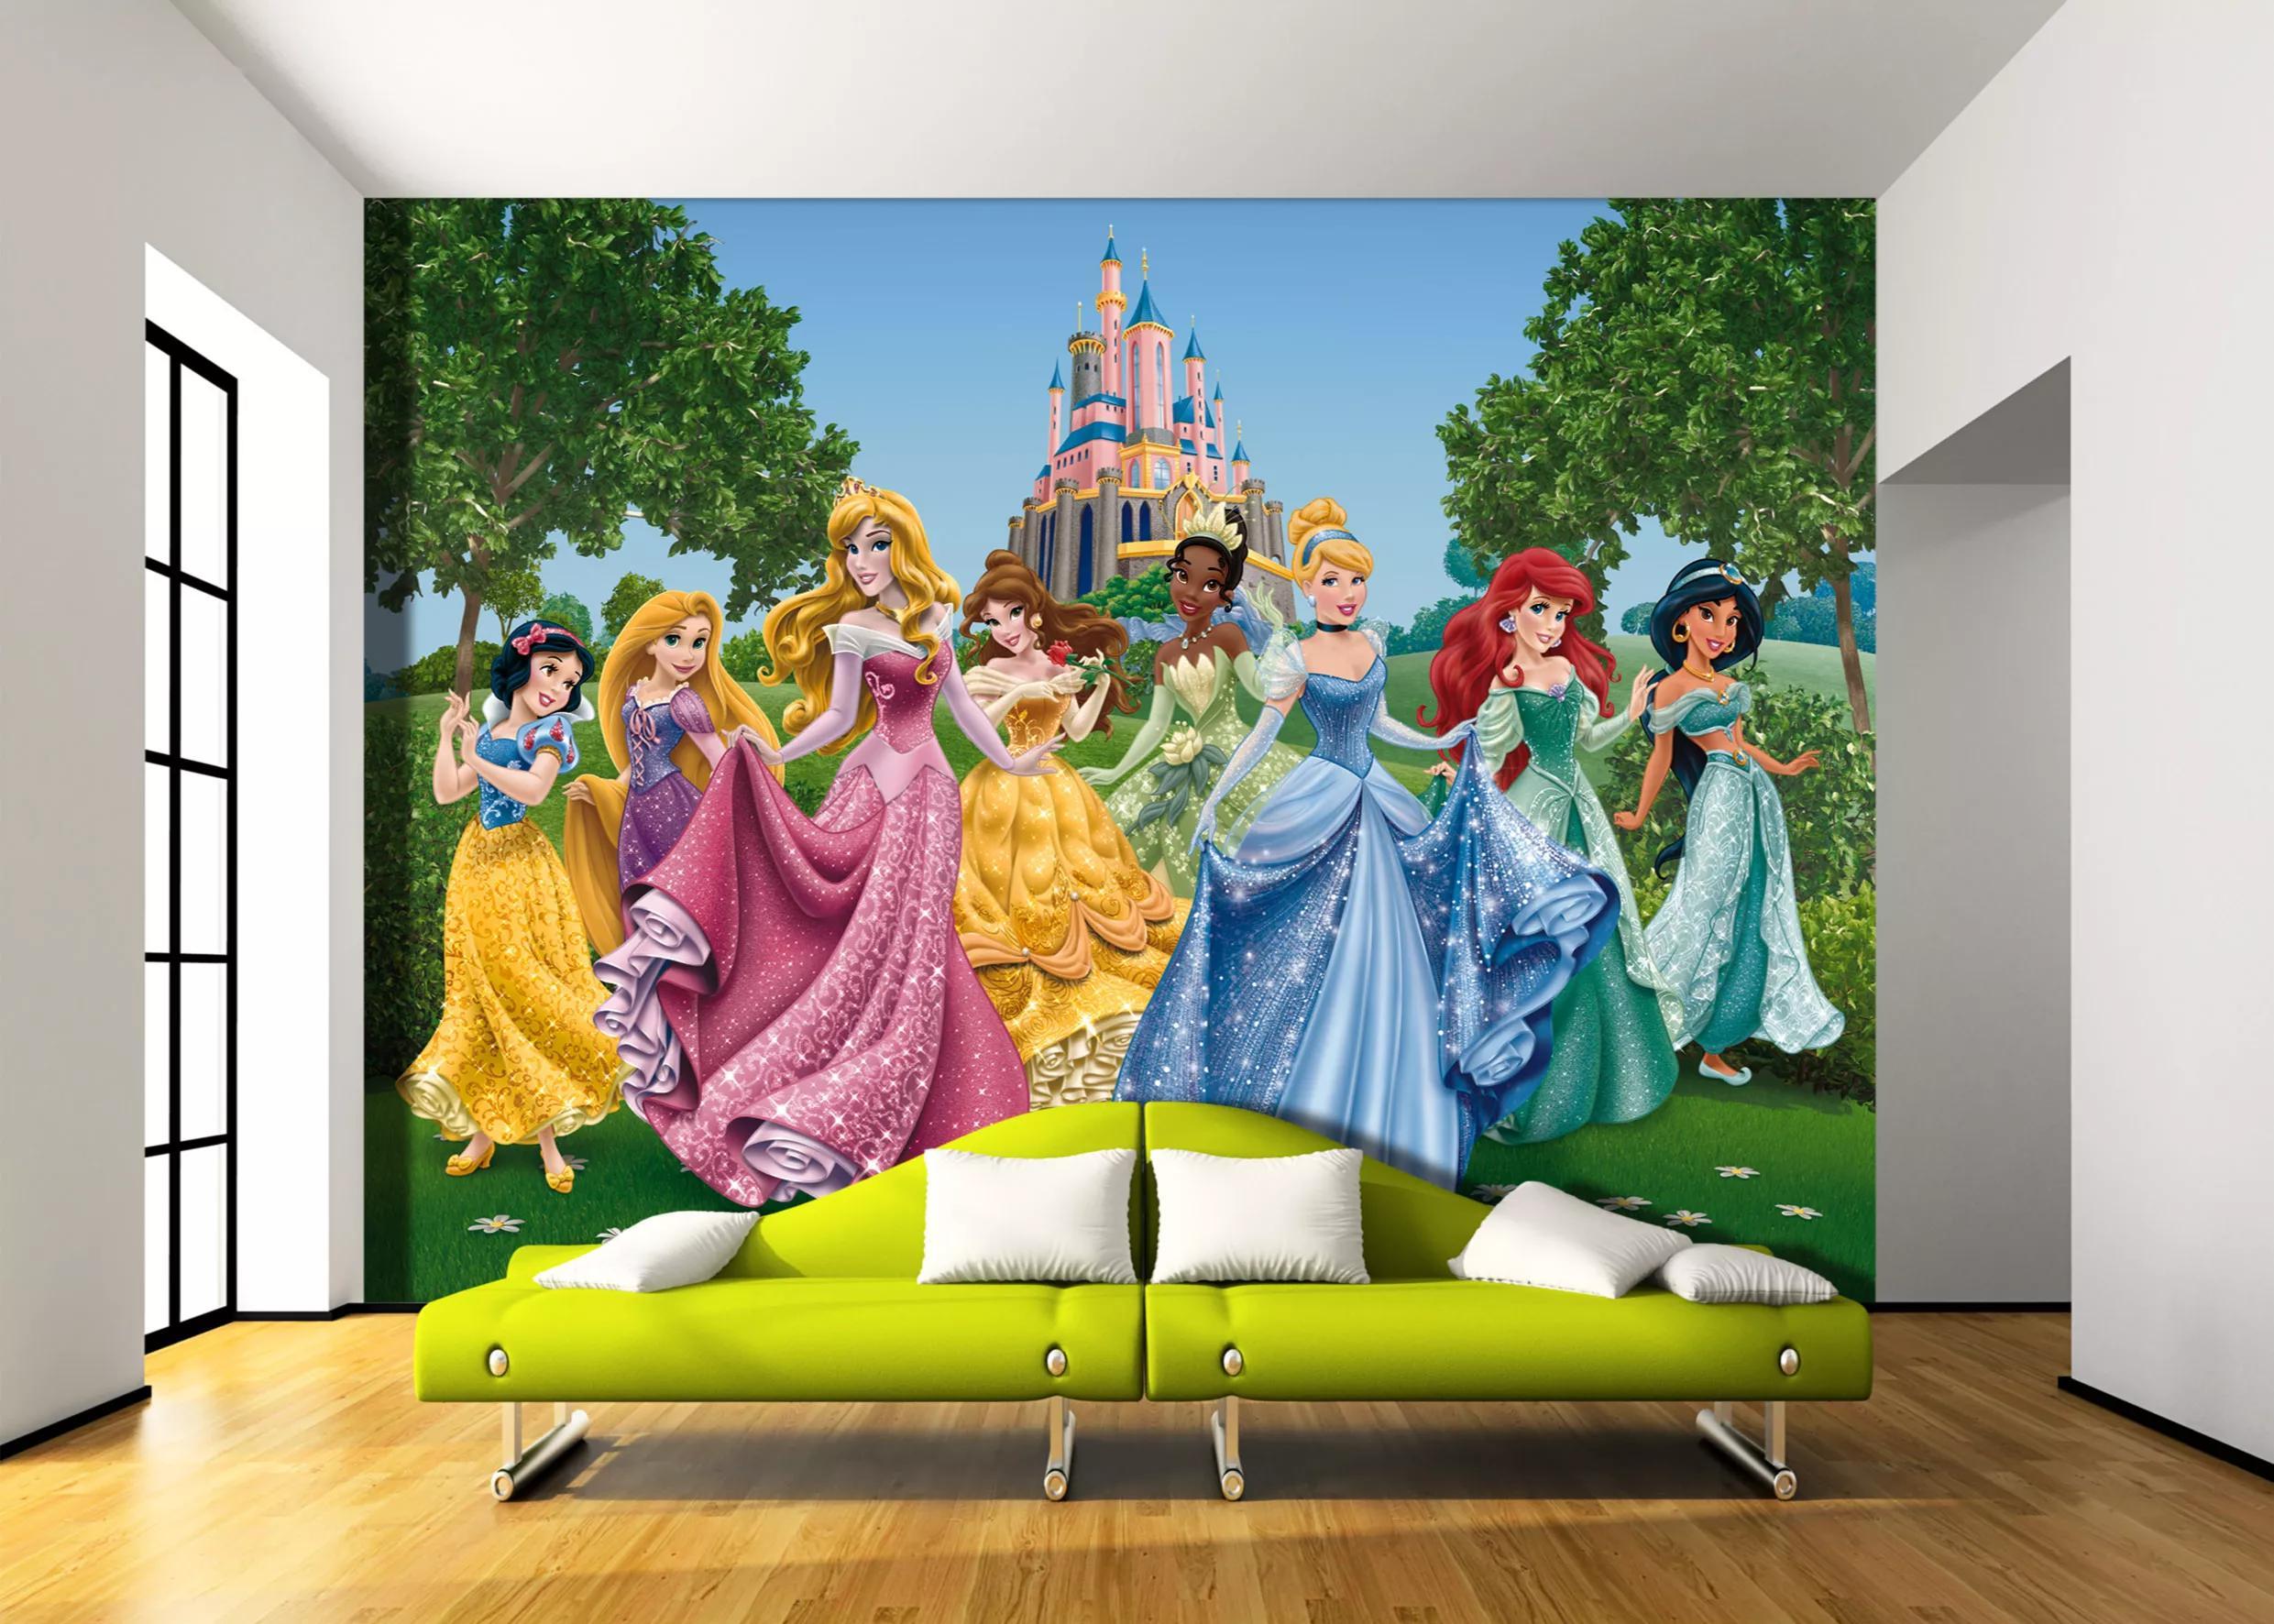 Fali poszter az összes Disney hercegnővel